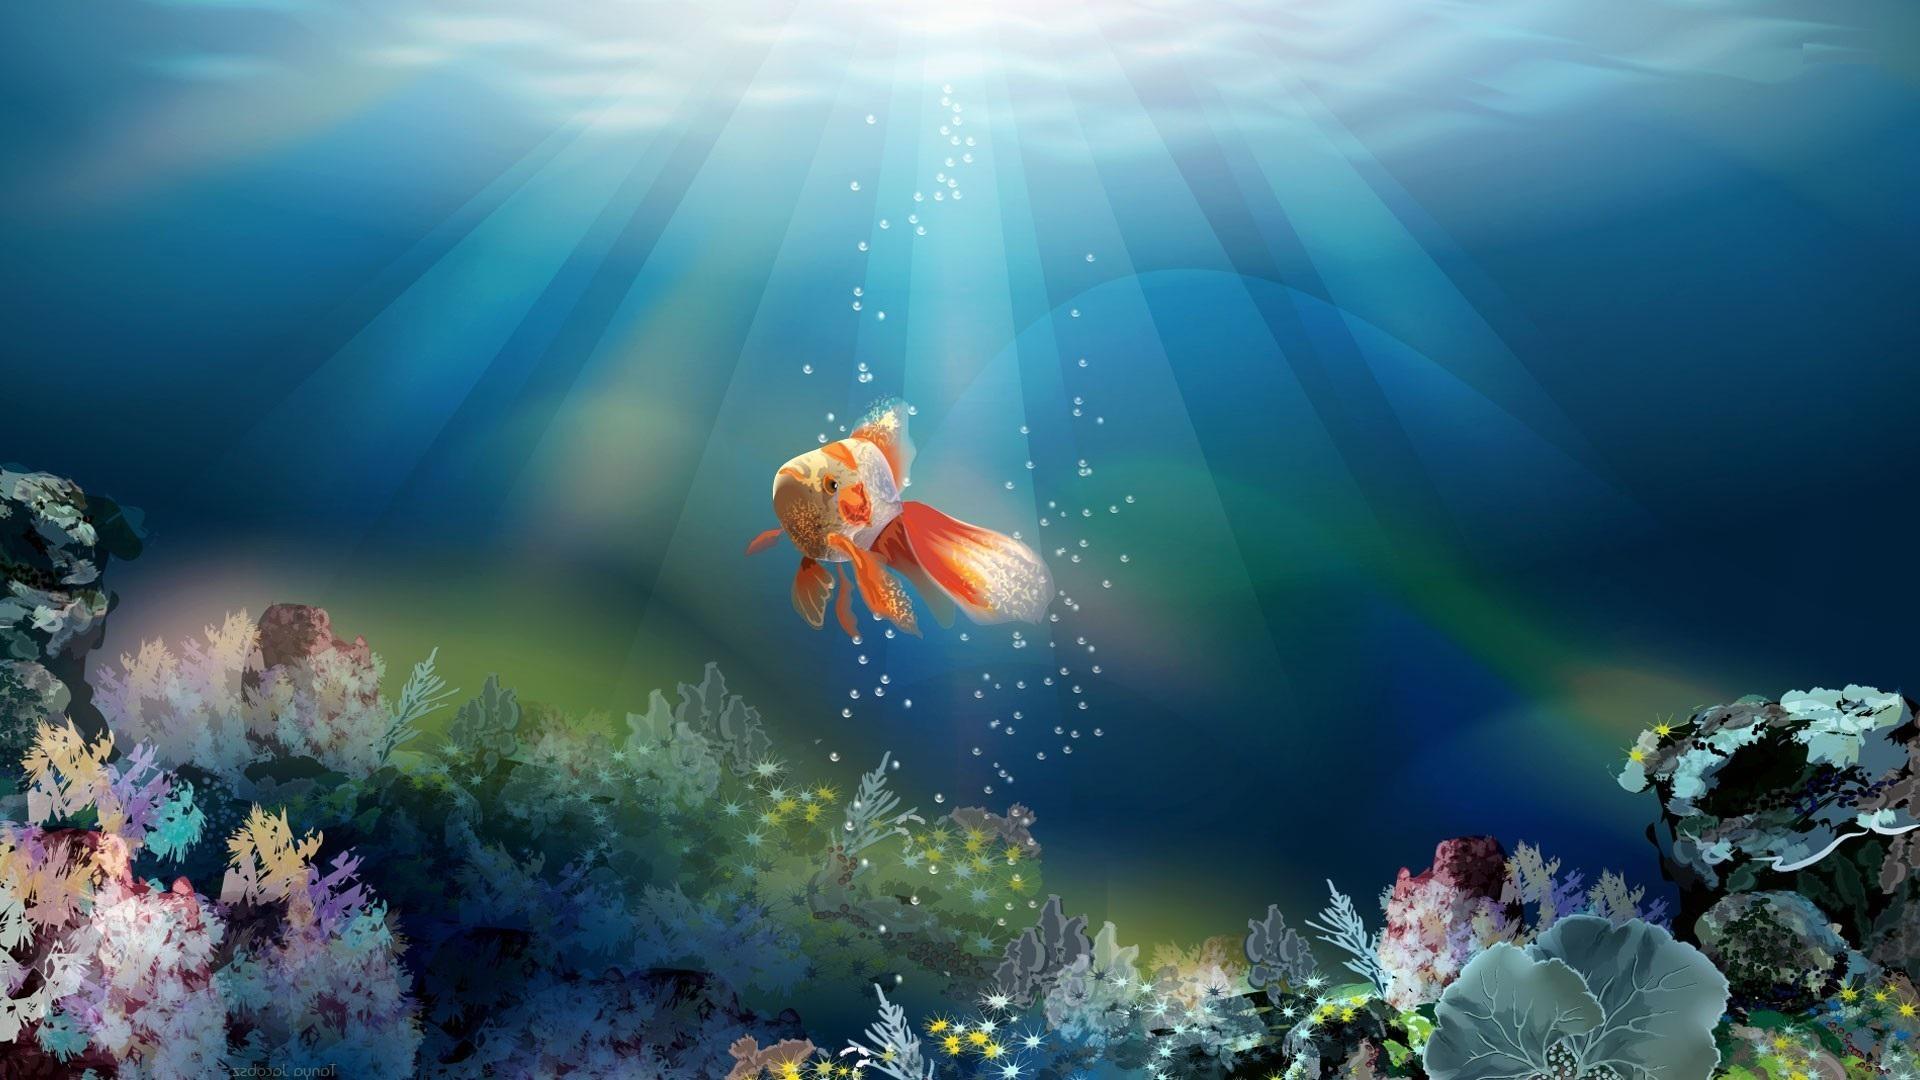 музыкальная заставка к сказке о рыбаке и рыбке